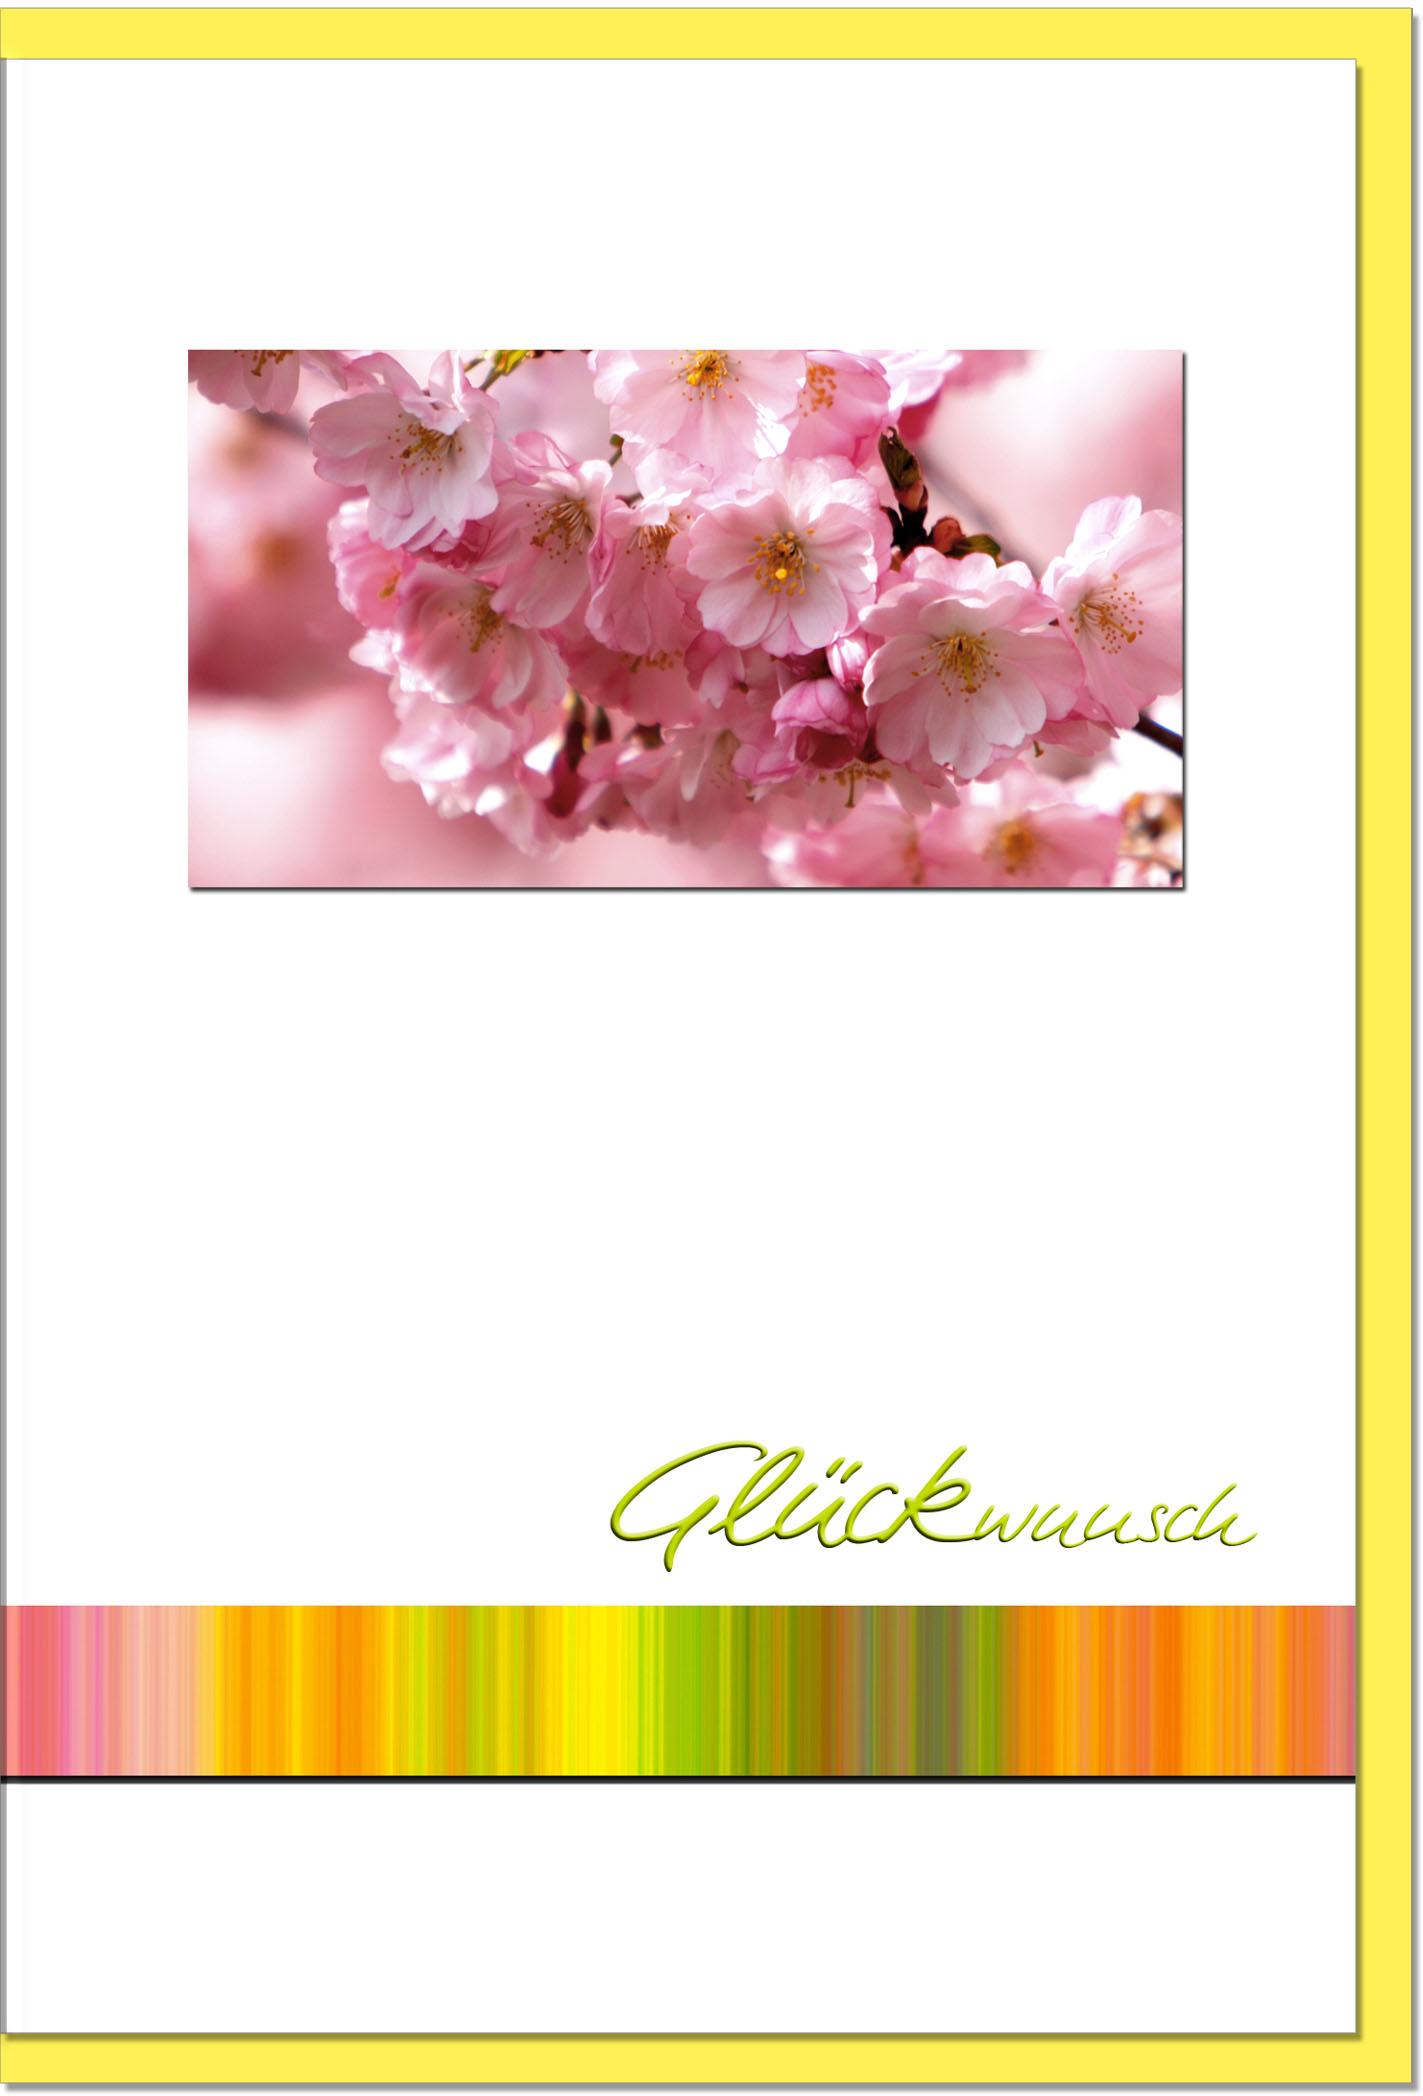 Glückwunschkarten / Grußkarten /Glückwunsch Blüten